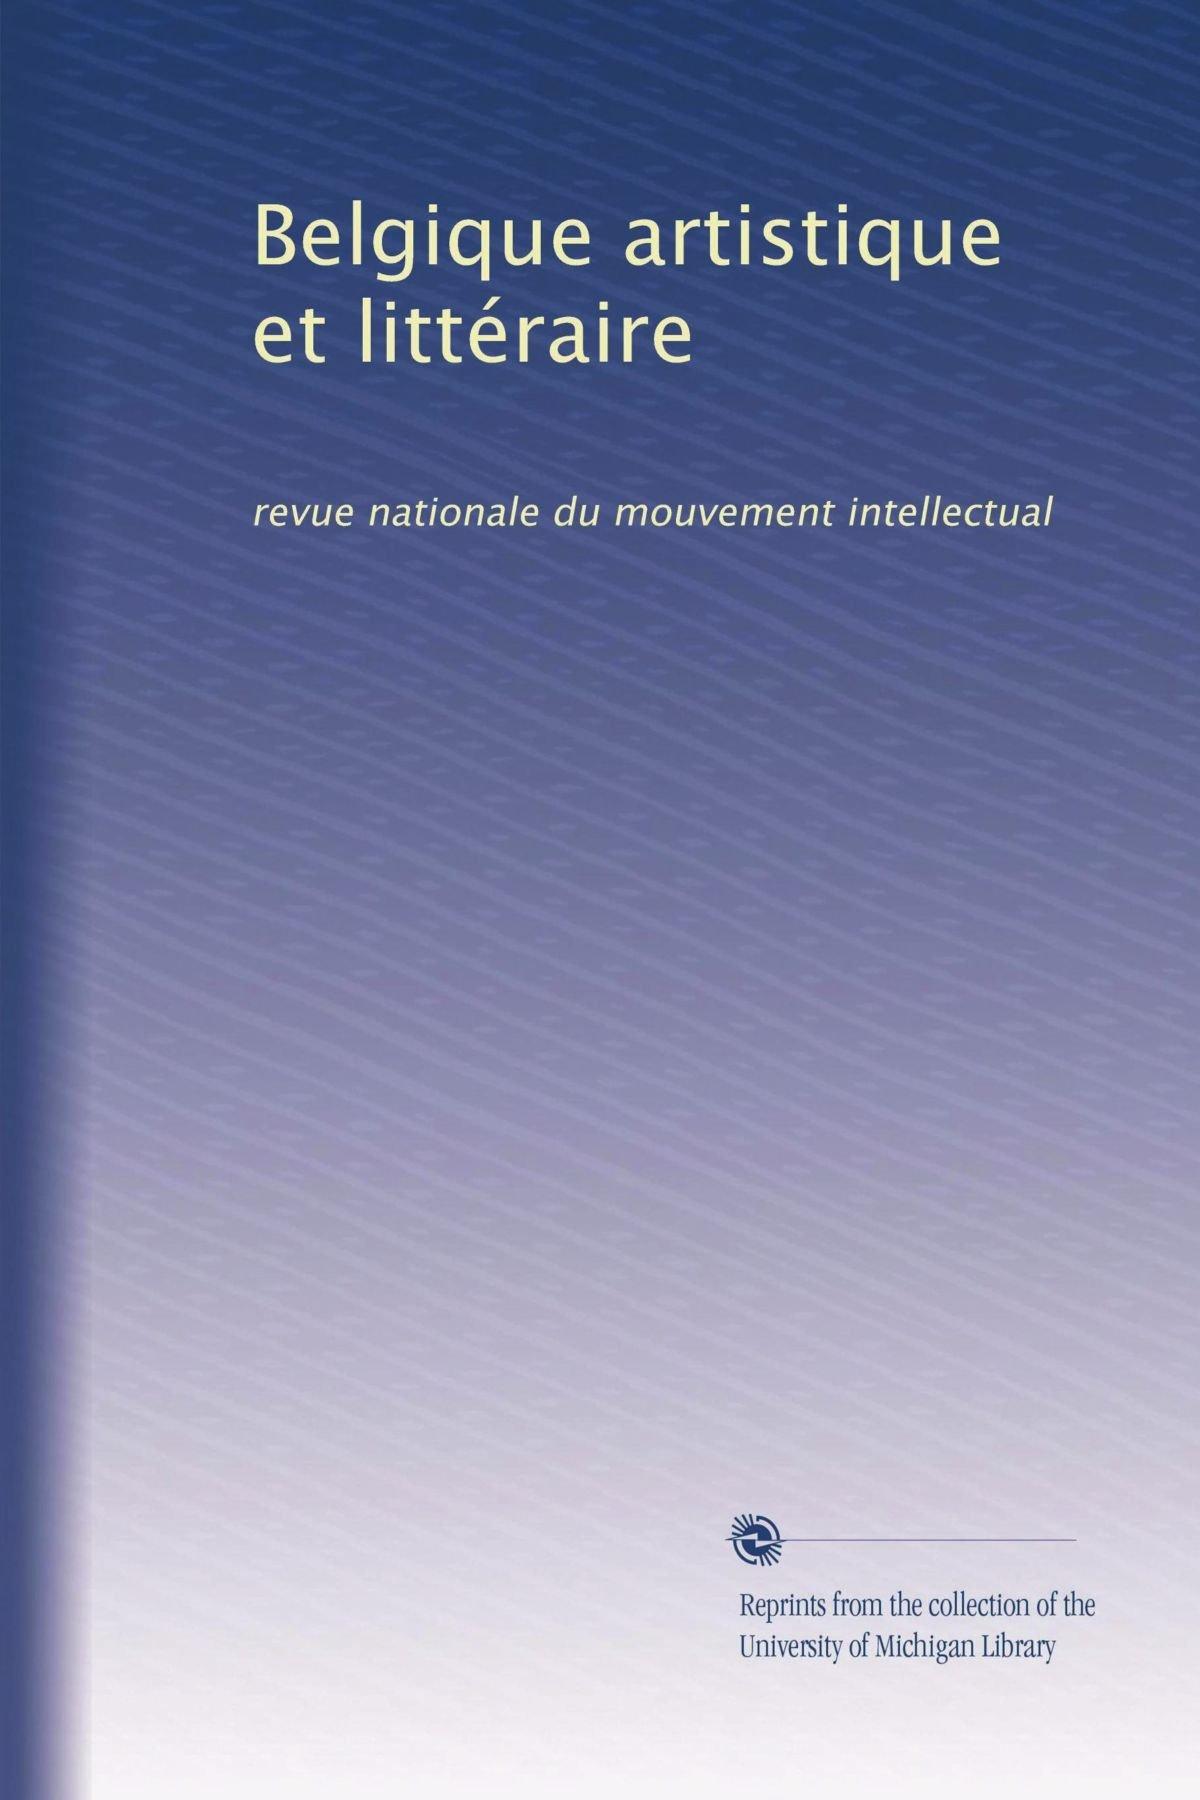 Belgique artistique et littéraire: revue nationale du mouvement intellectual (French Edition) pdf